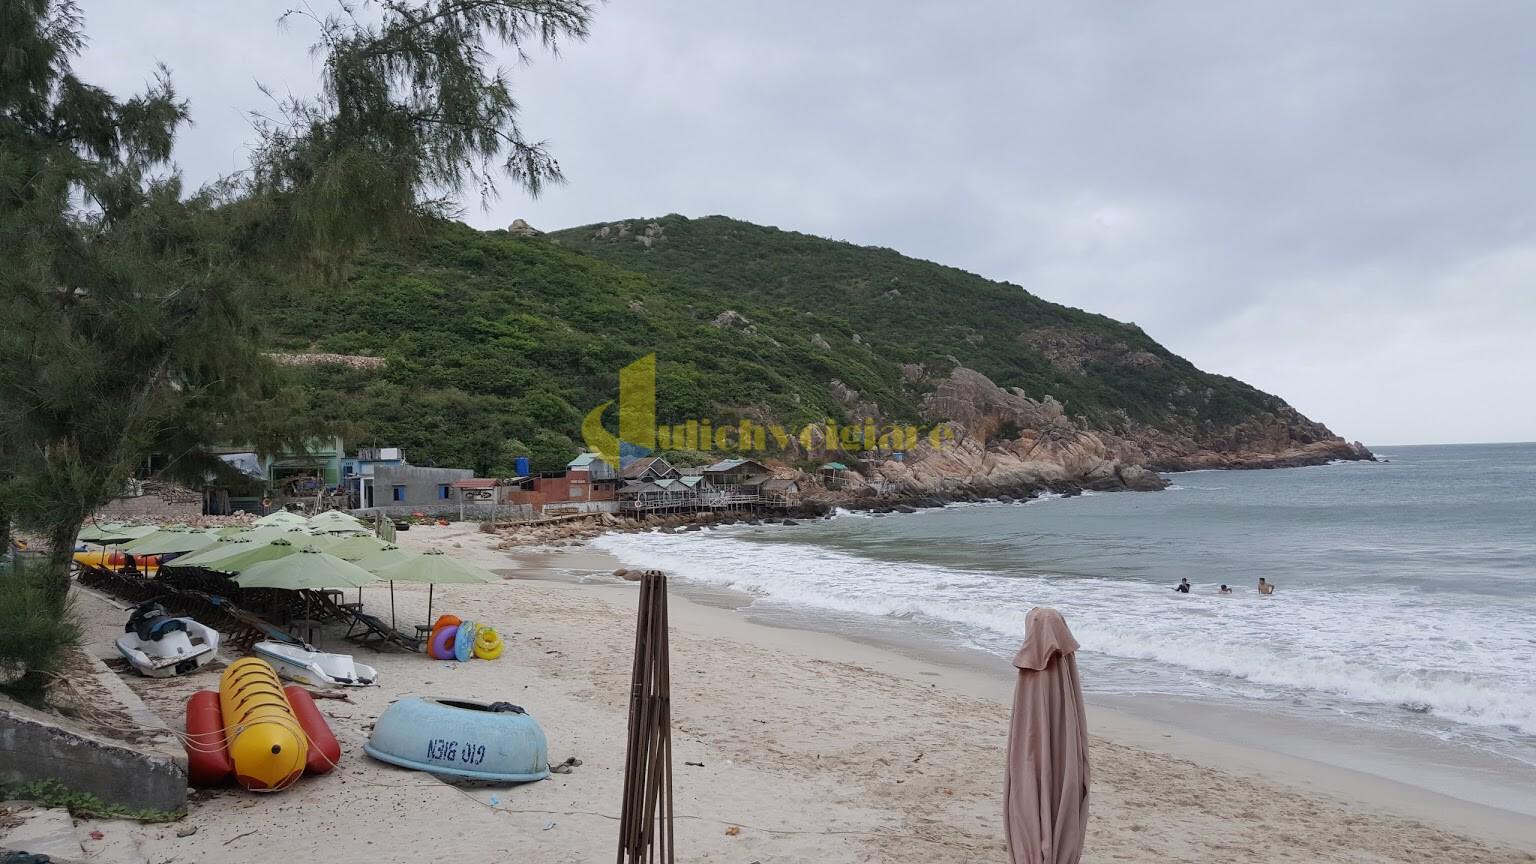 bãi-bồ-đề-1 Bình Ba - Quốc đảo Tôm Hùm Số 1 Khánh Hòa